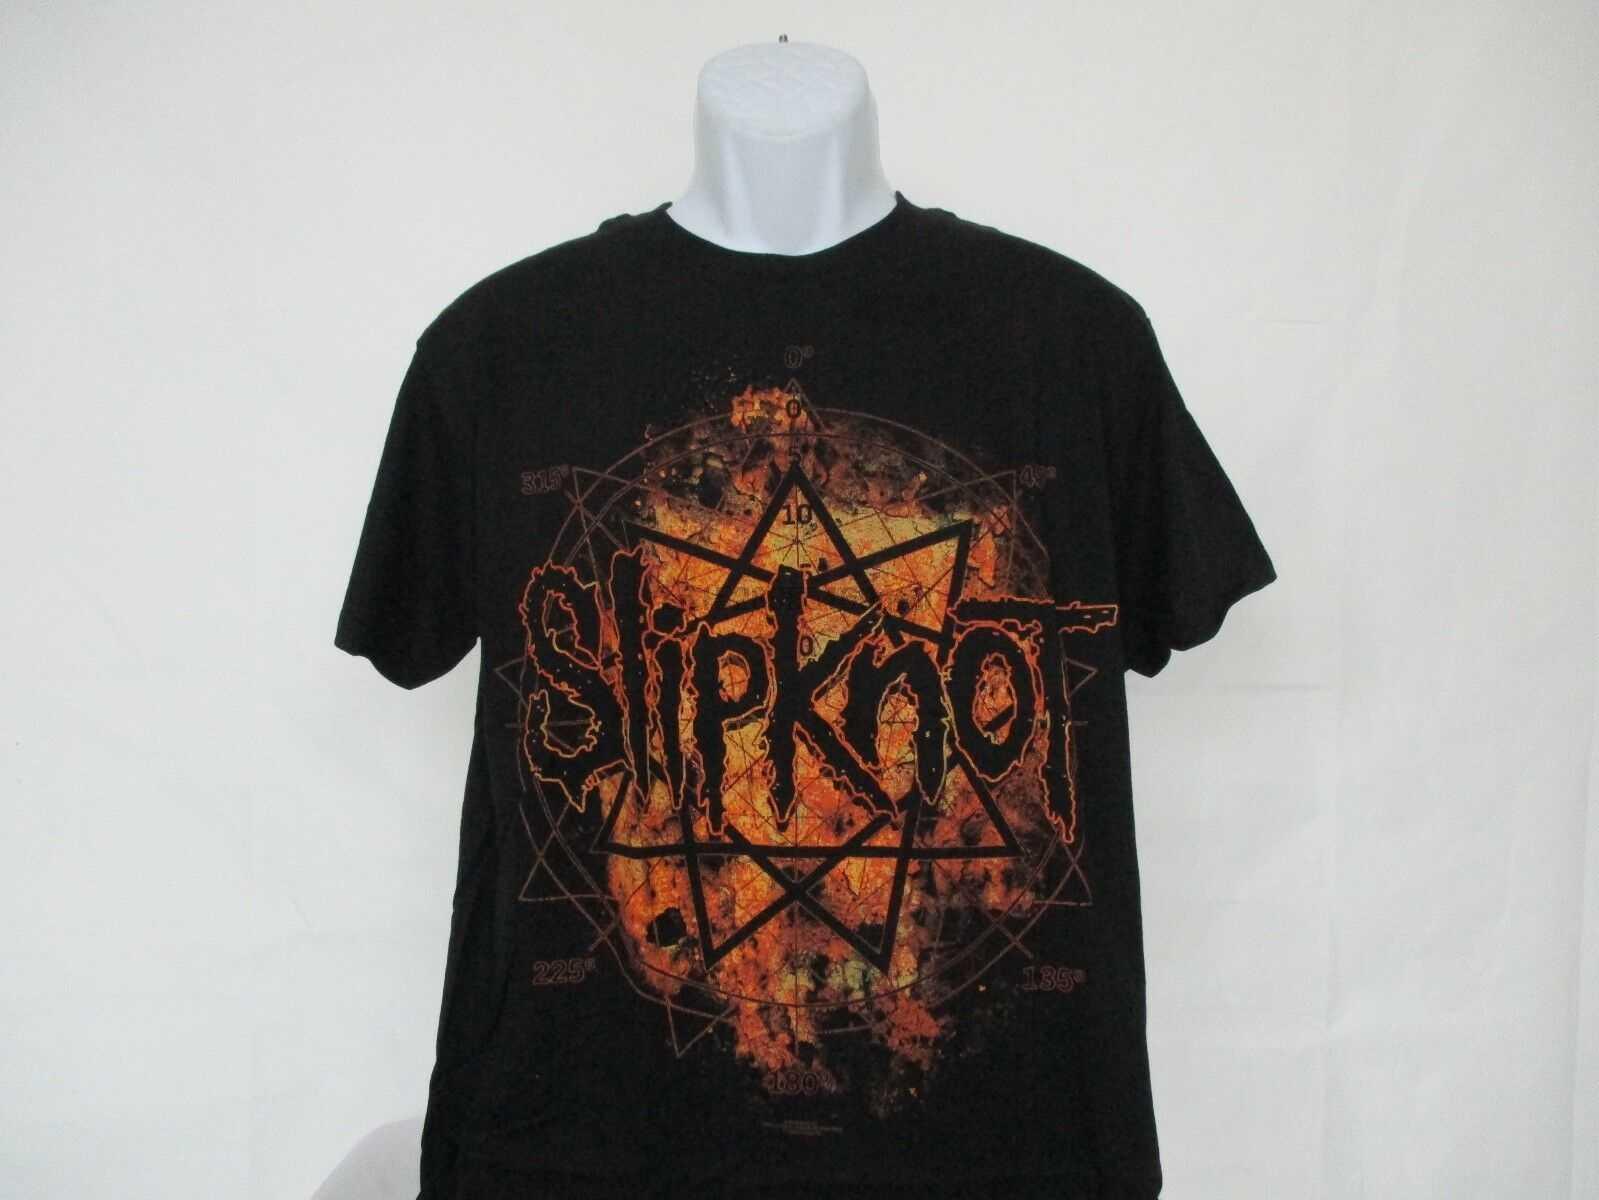 Slipknot วิทยุยิง-ความหวังทั้งหมดหายไปเสื้อยืดสีดำ-ขนาดผู้ใหญ่ M-XL ใหม่ (1)